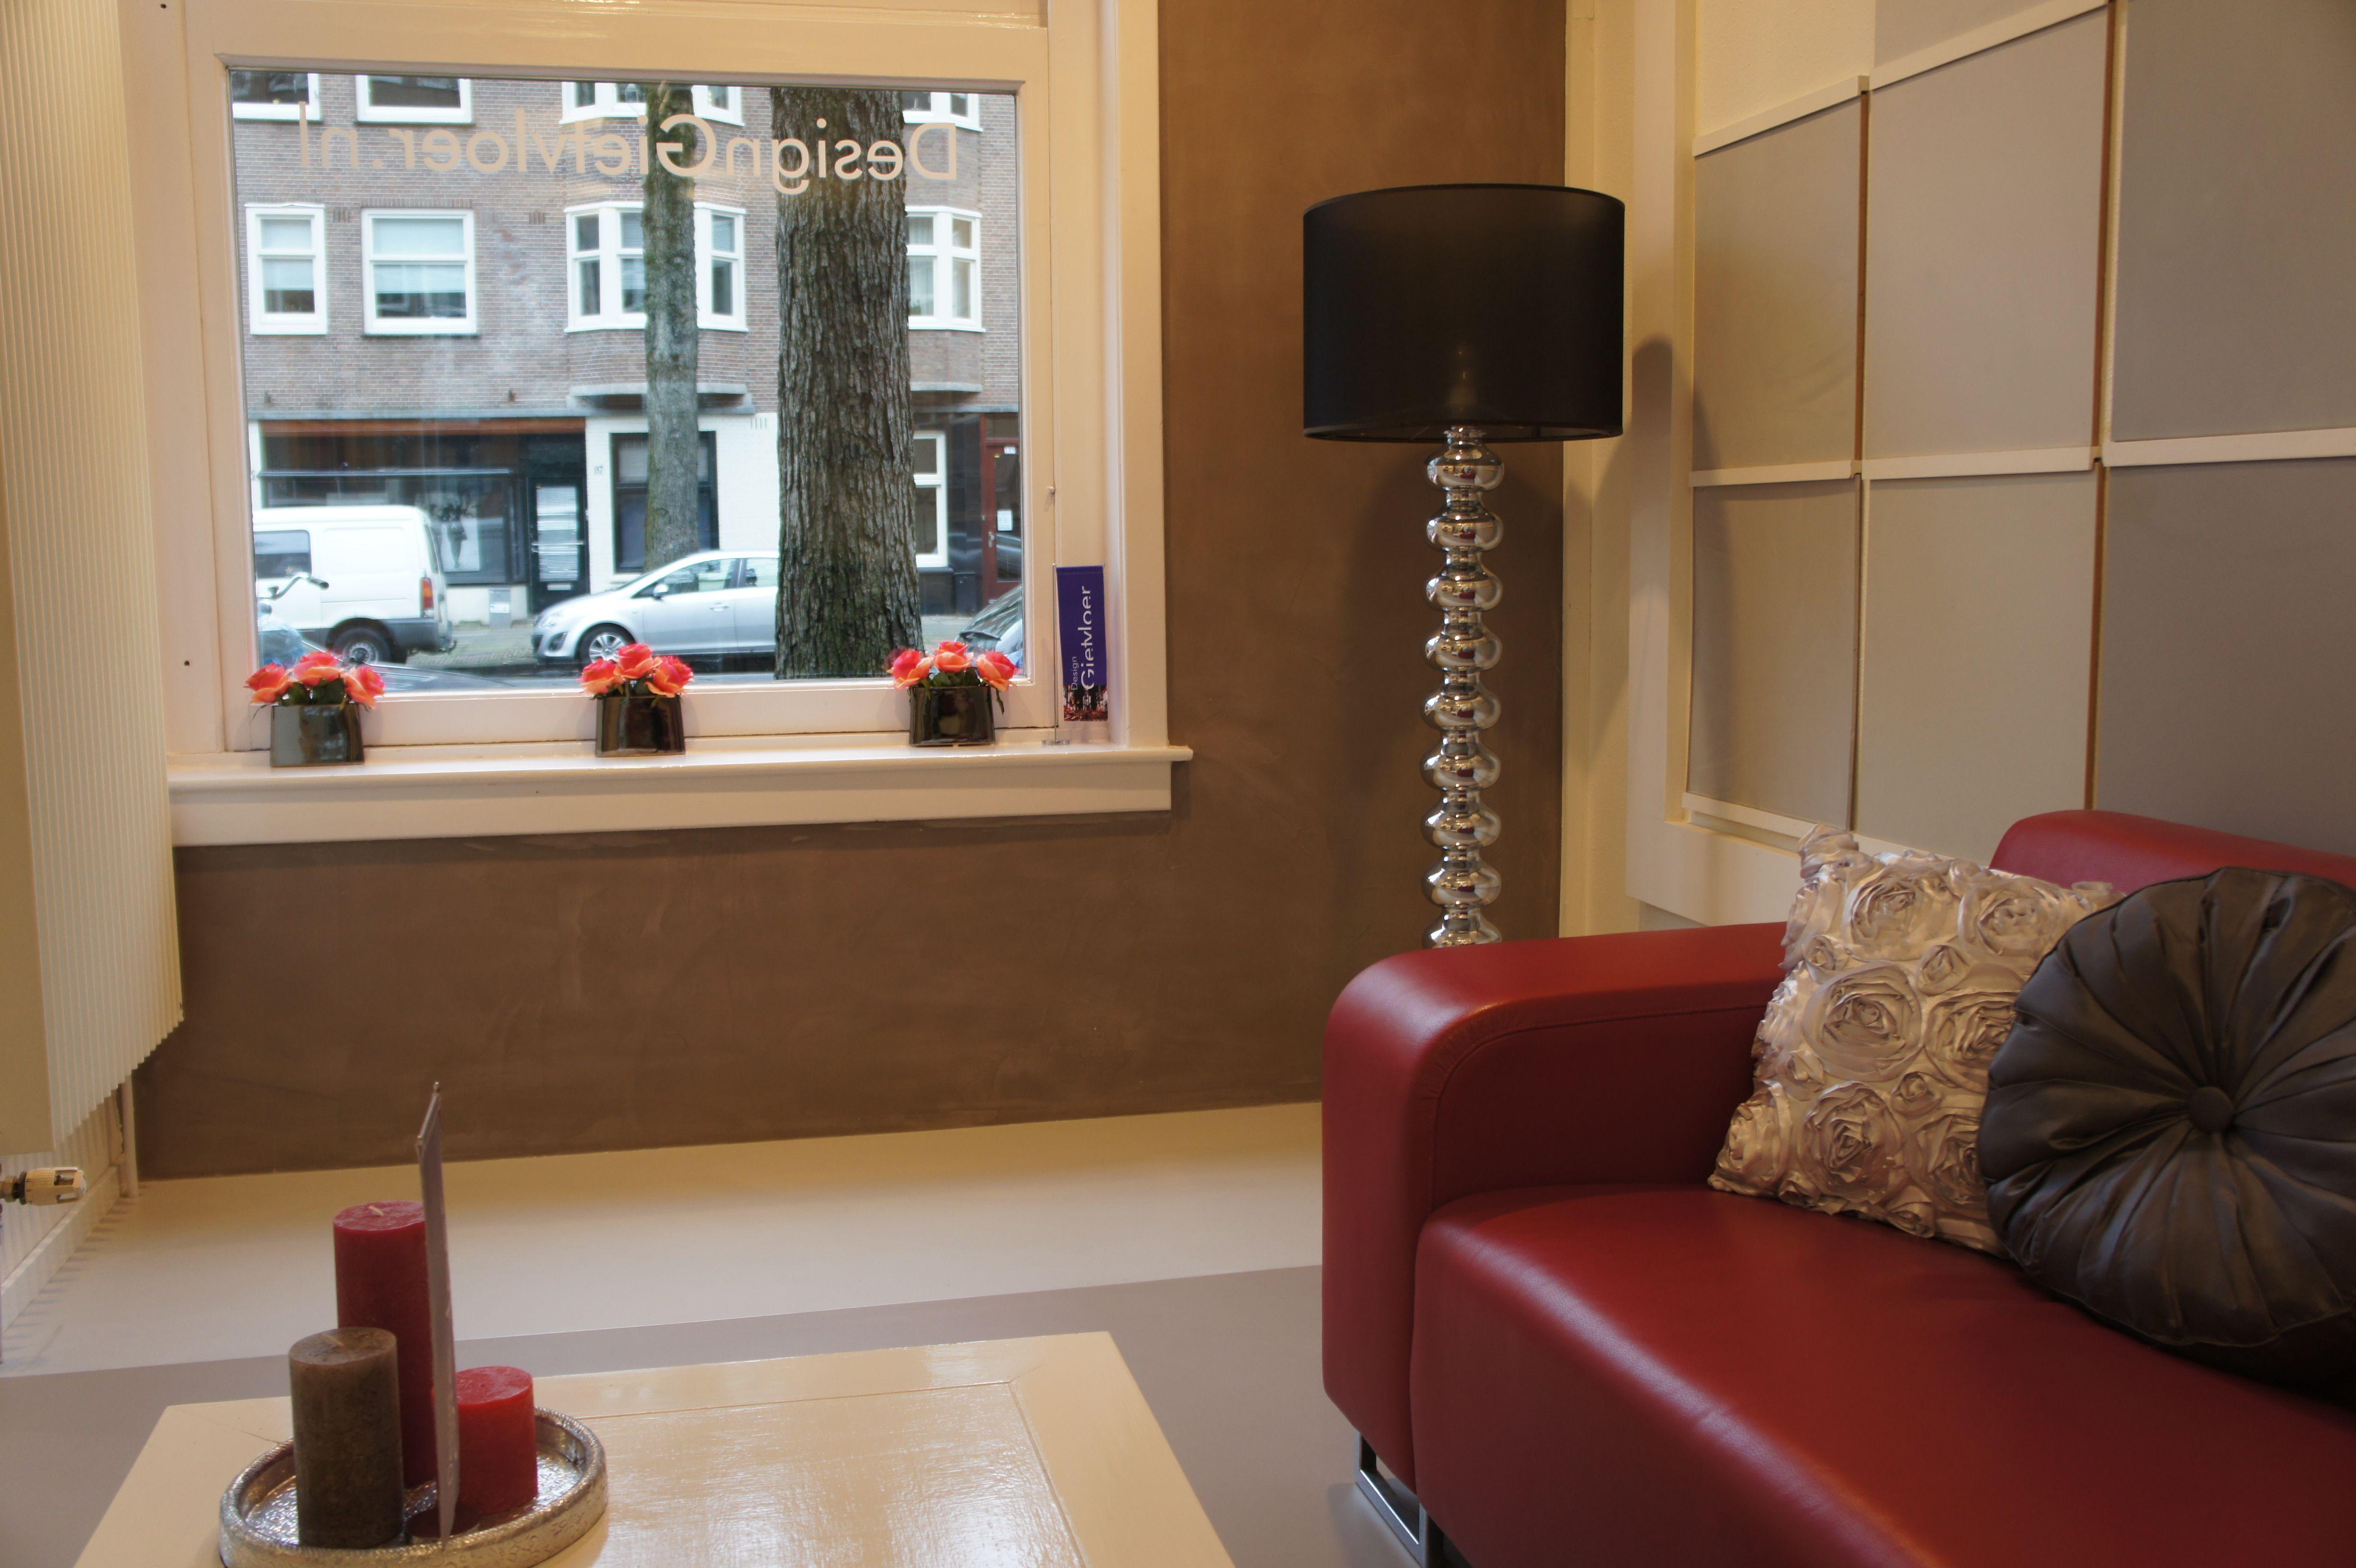 Onze kleurenstudio/showroom aan de Rijnstraat 200 Amsterdam. www.designgietvloer.nl 020-8457657 of info@designgietvloer.nl